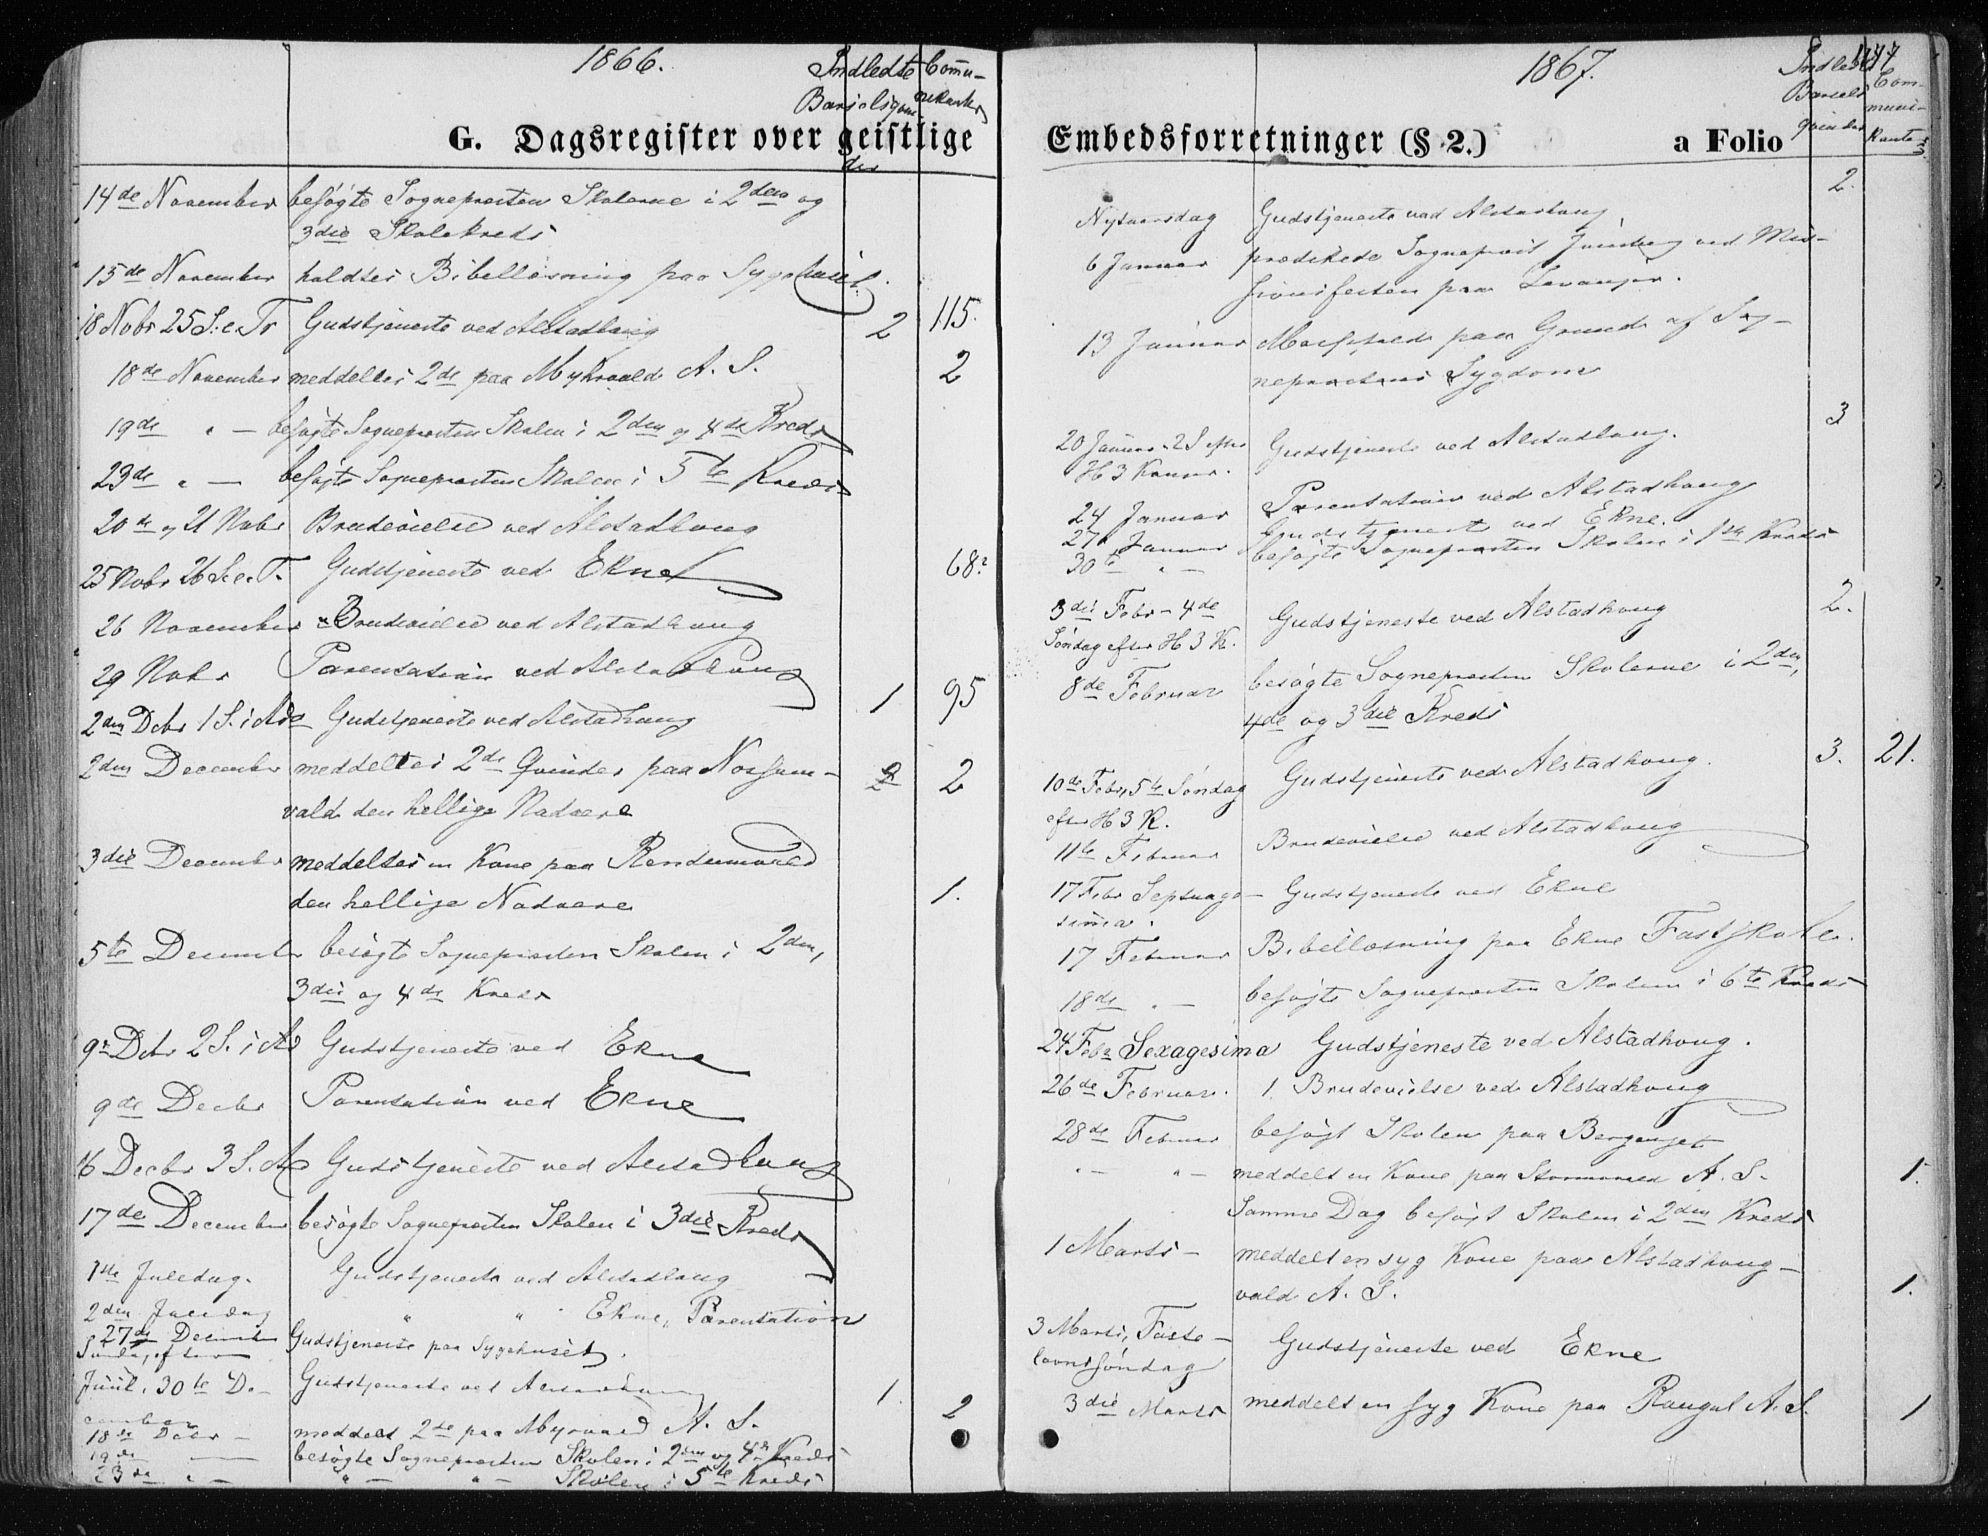 SAT, Ministerialprotokoller, klokkerbøker og fødselsregistre - Nord-Trøndelag, 717/L0157: Ministerialbok nr. 717A08 /1, 1863-1877, s. 477